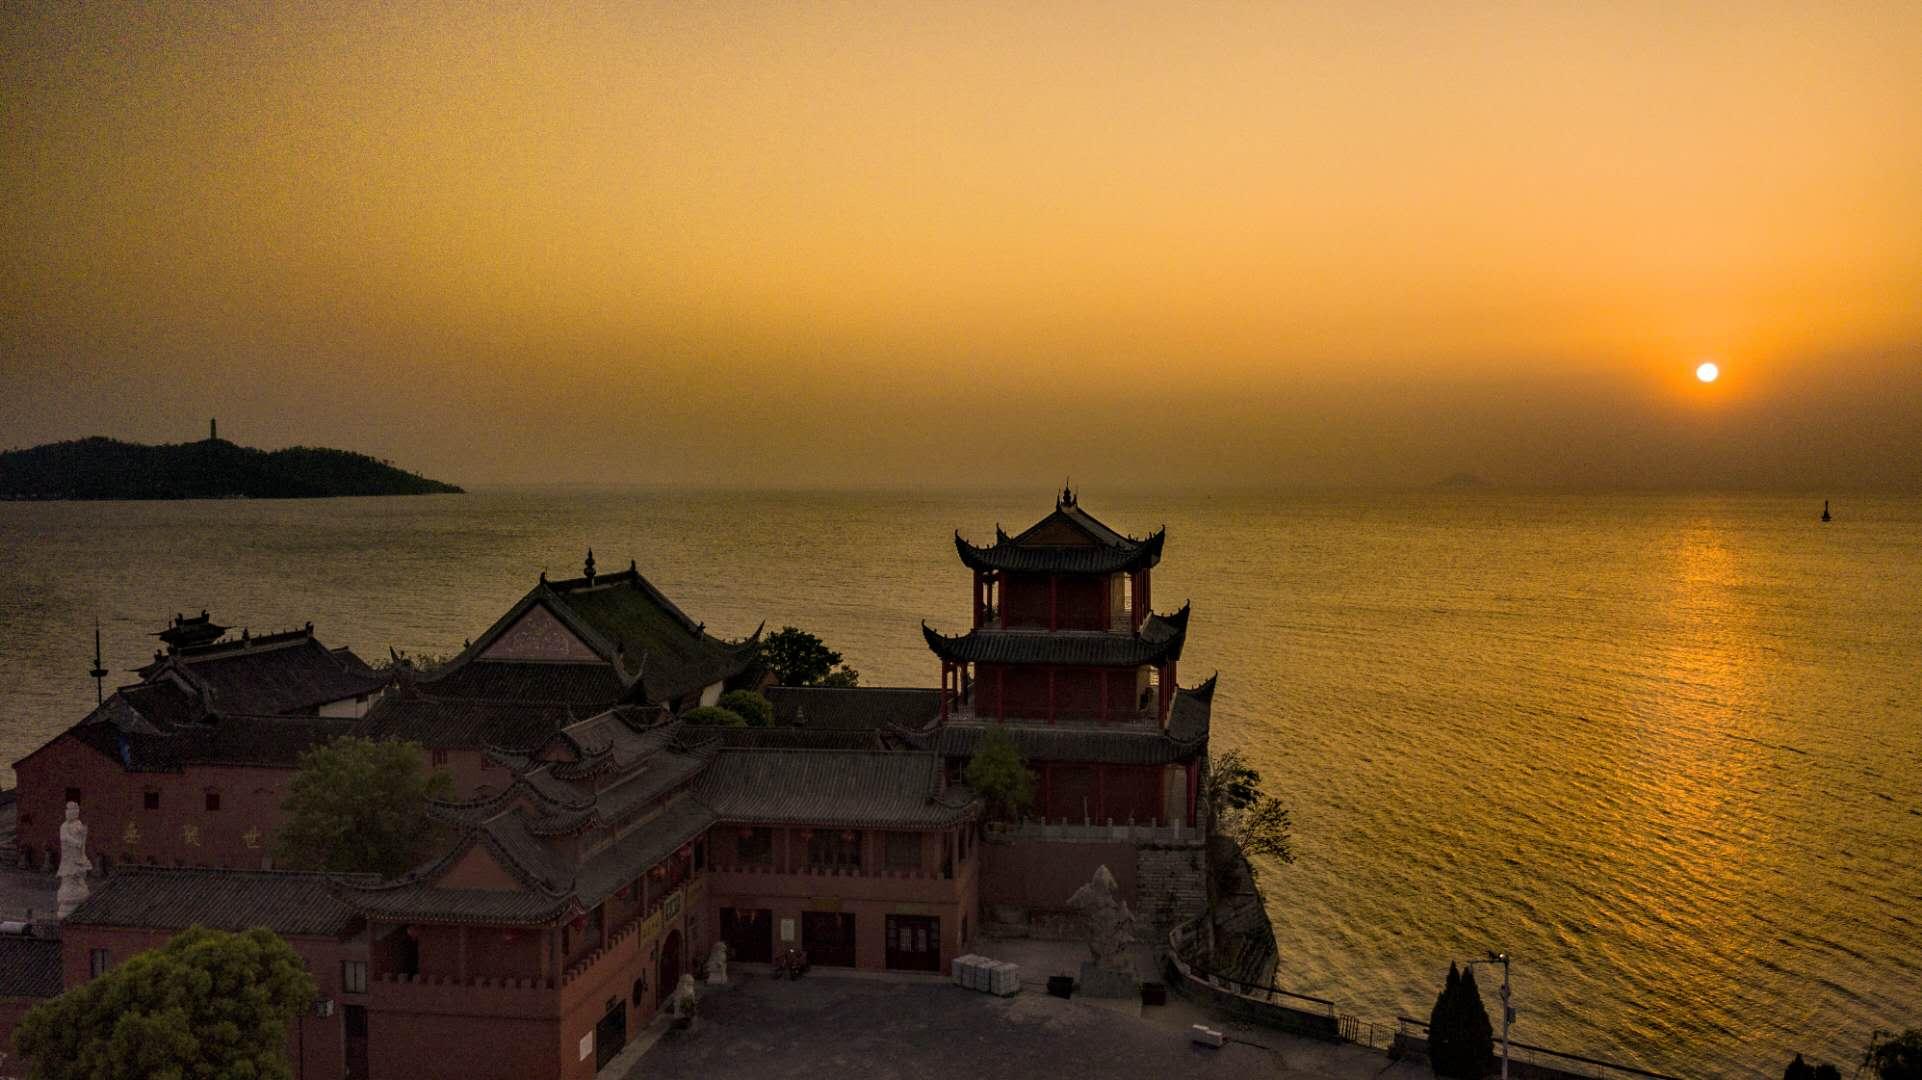 """巢湖是中国五大淡水湖之一,宛如一面宝镜镶嵌在江淮大地,有""""八百里湖天""""之称。姥山,是一座水中山、湖中岛,与巢湖北岸凤凰台上的中庙隔水相望。每近黄昏,落日临空,荡舟观览此山,犹如画境。"""